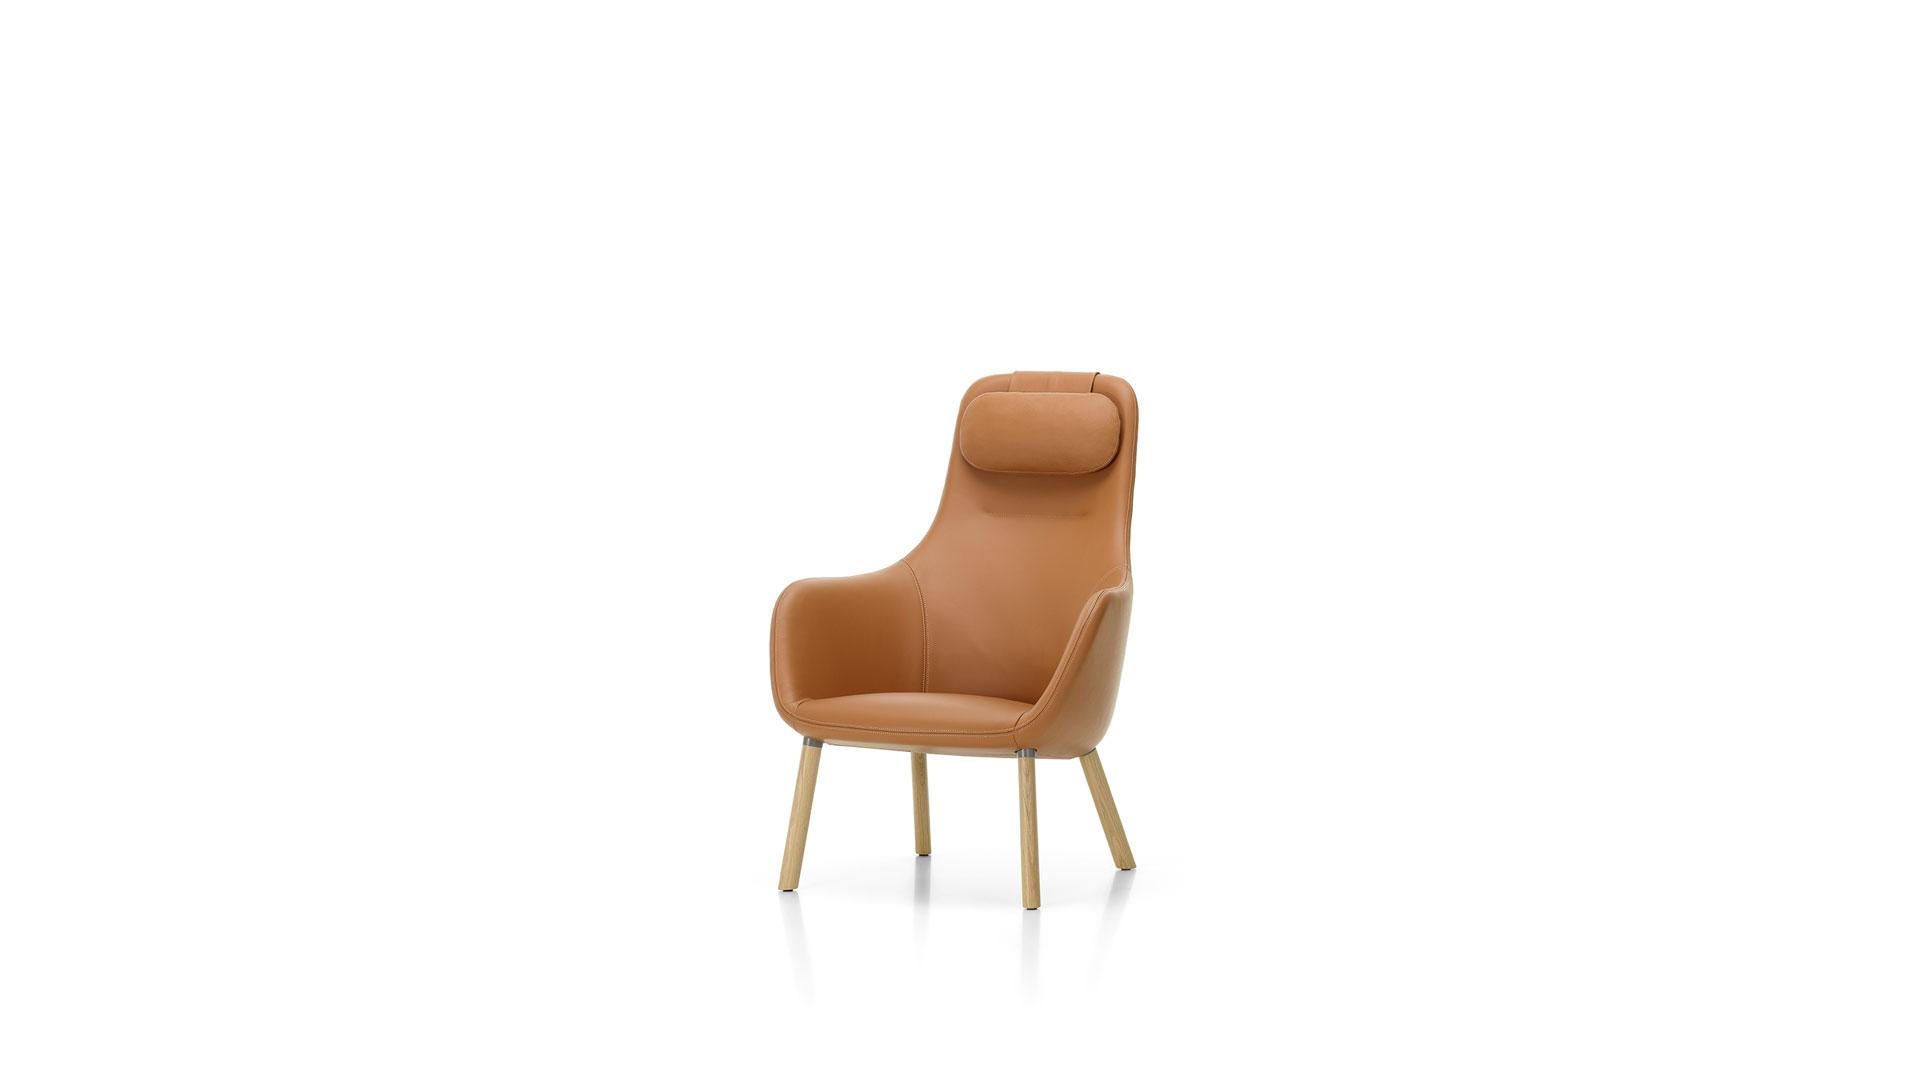 Imágenes del sofá HAL Lounge Chair de Jasper Morrison